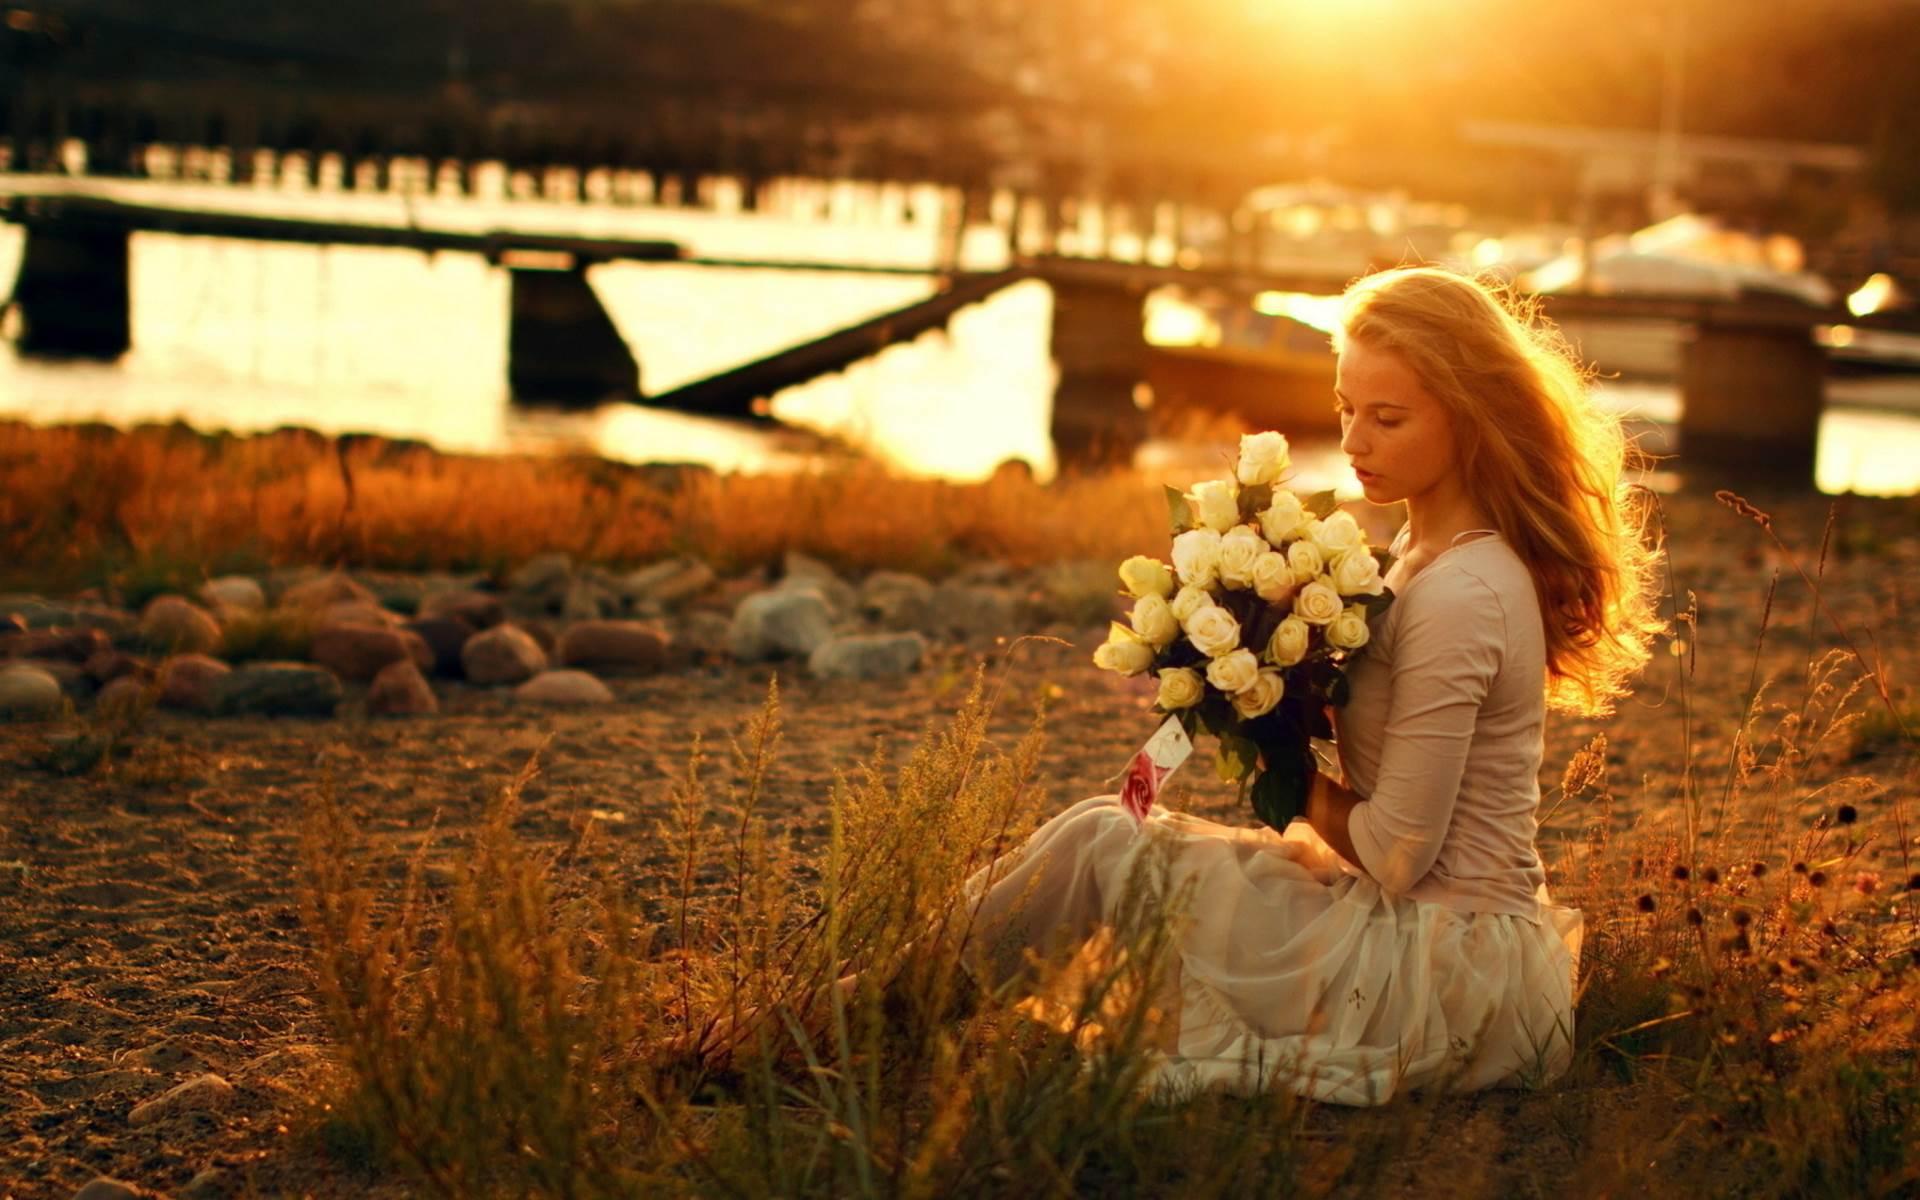 عکس عاشقانه رمانتیک دختر